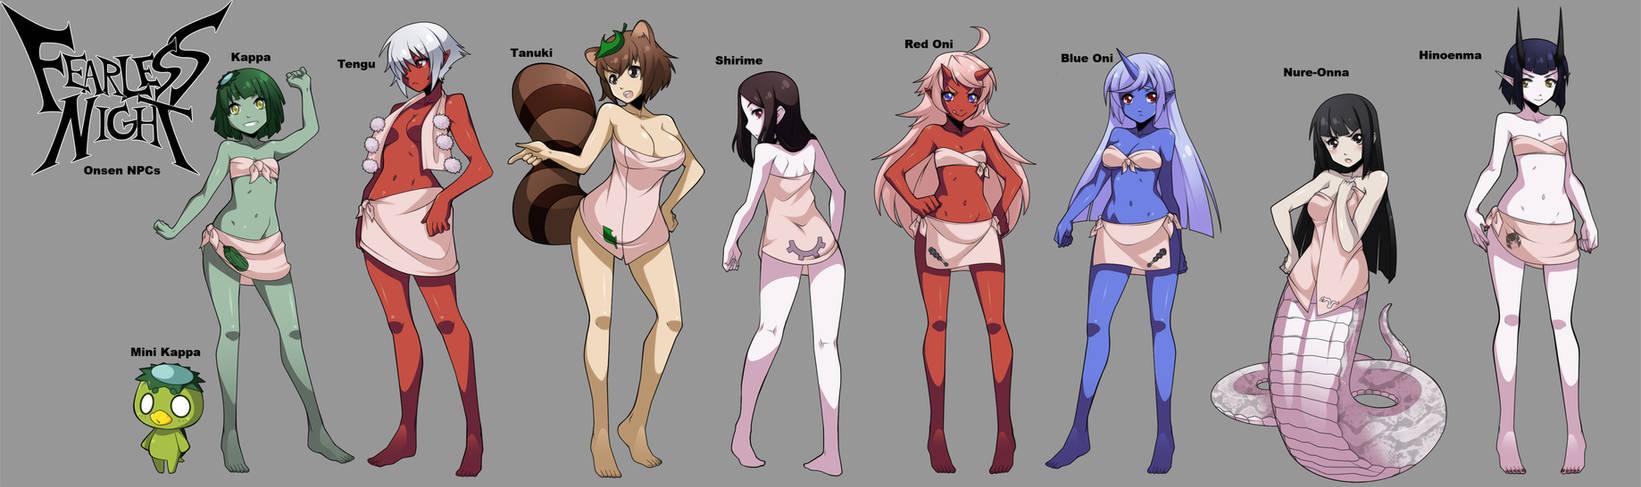 Kappa Onsen NPC concepts!